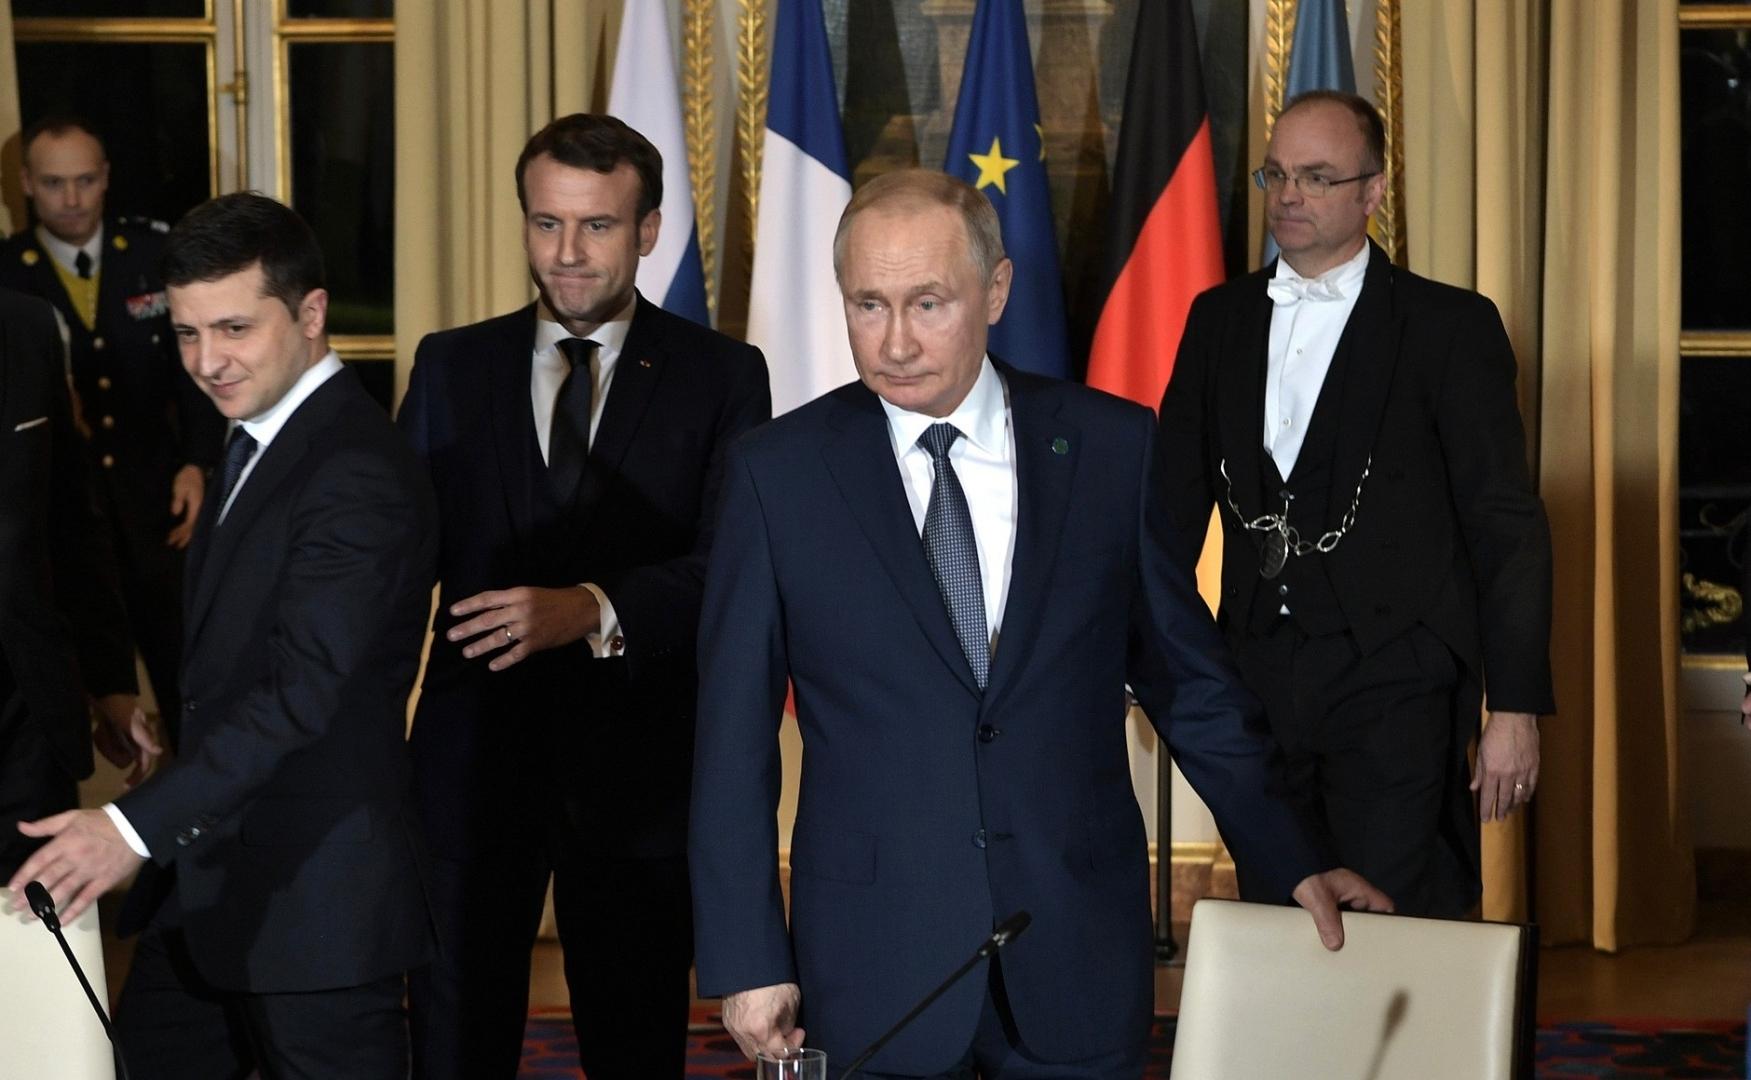 Зеленский встретится с Путиным? Песков рассказал о планах Кремля